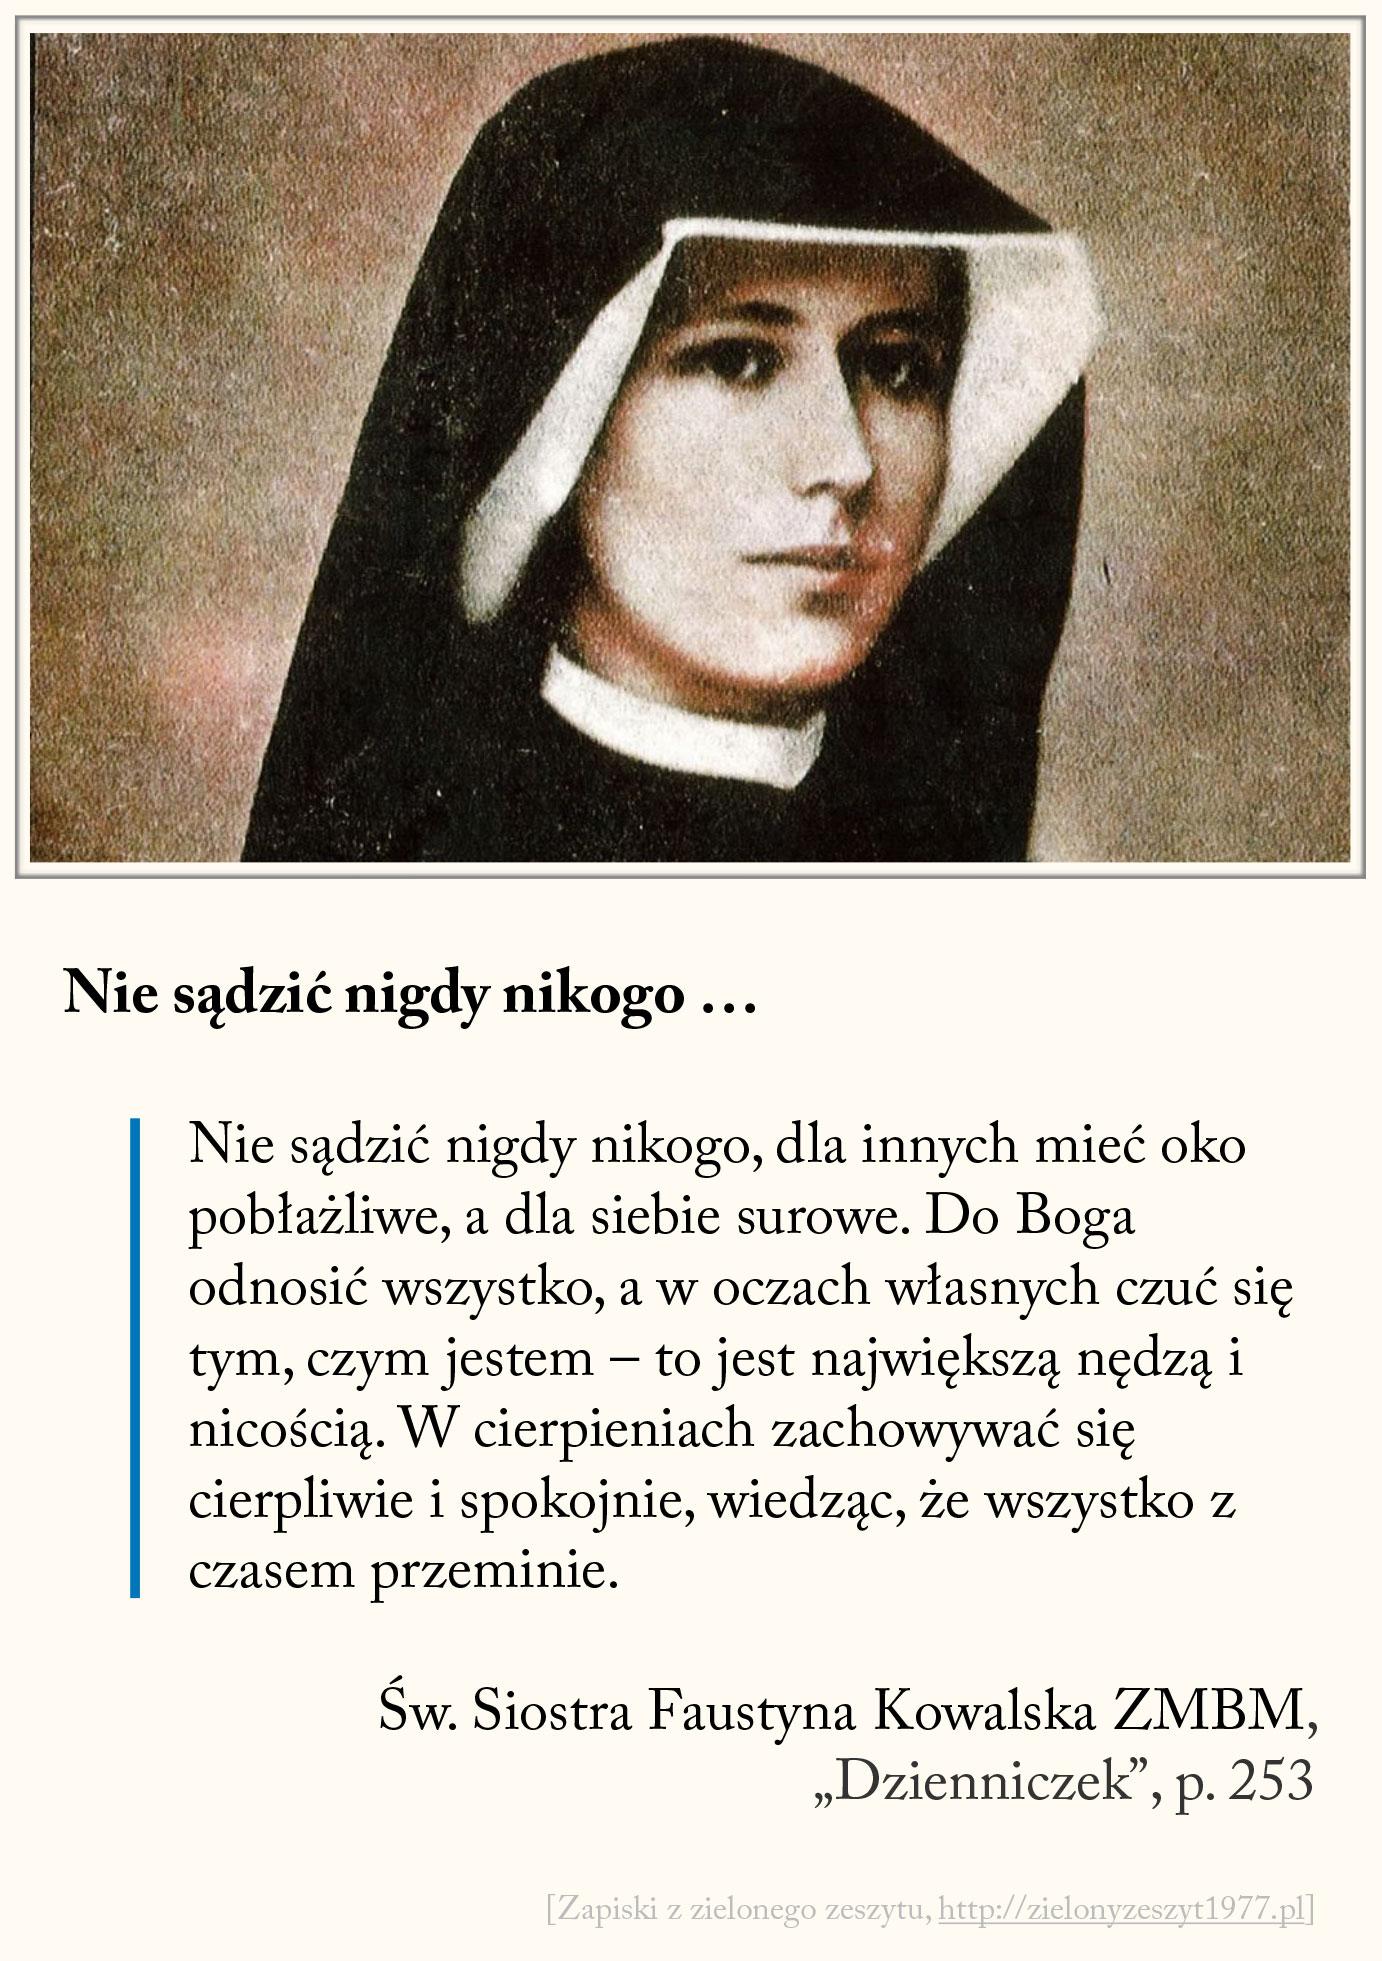 Nie sądzić nigdy nikogo ..., św. Faustyna Kowalska, Dzienniczek